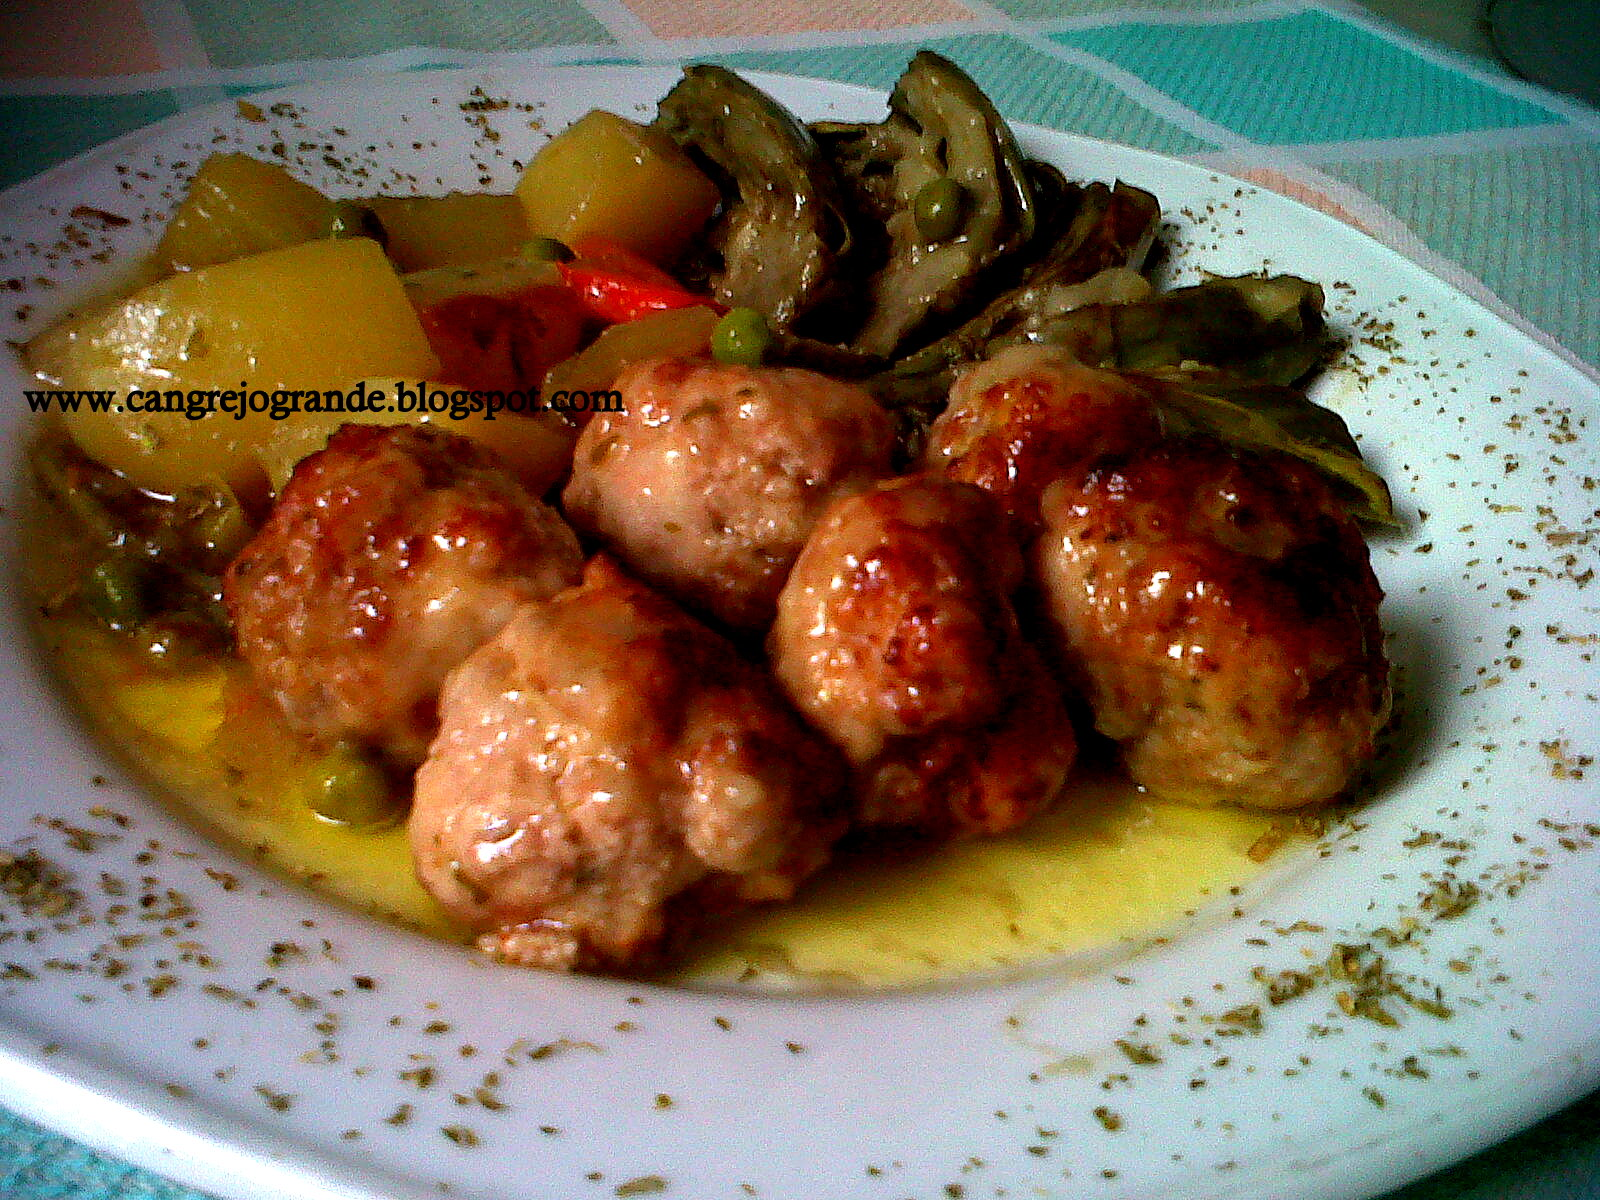 Cangrejo grande alb ndigas con verduras y alcachofas - Albondigas con verduras ...